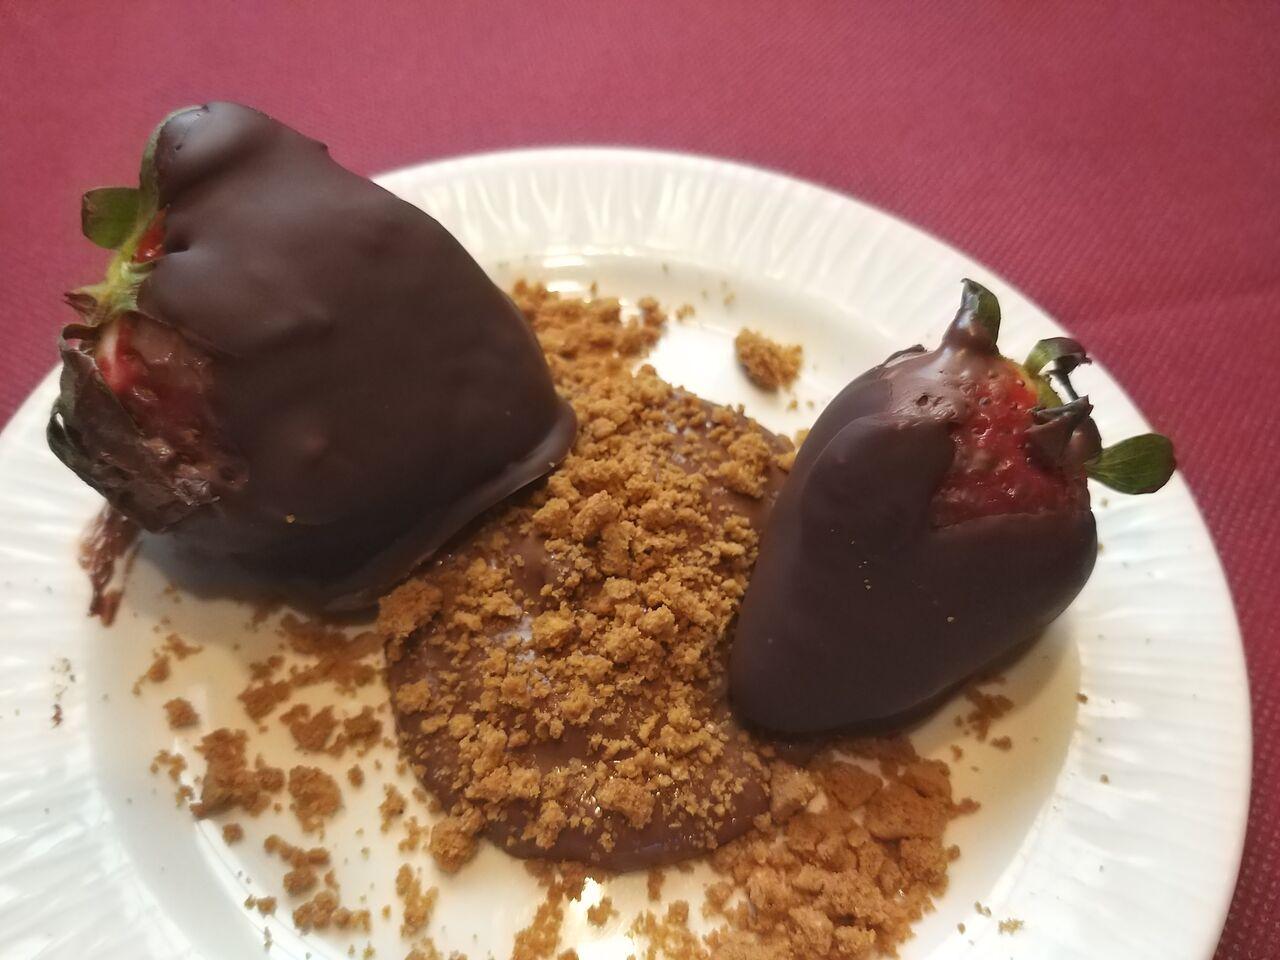 Fresas naturales con ganache de chocolate,Timbal de escalivada con viruta de foie